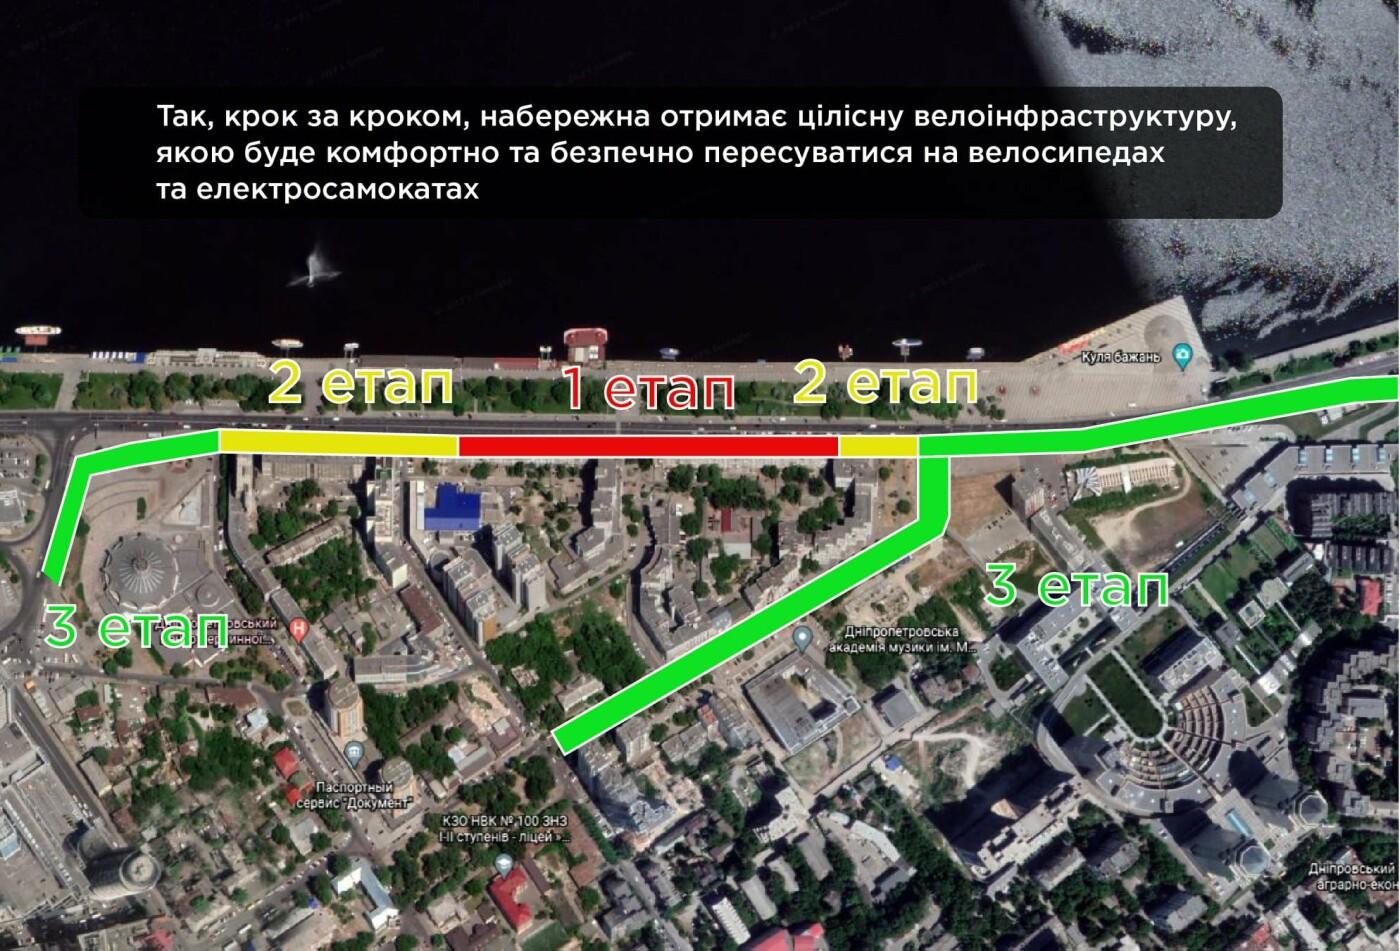 Новая парковка и велодорожка: в Днепре меняется набережная, - ФОТО, фото-1